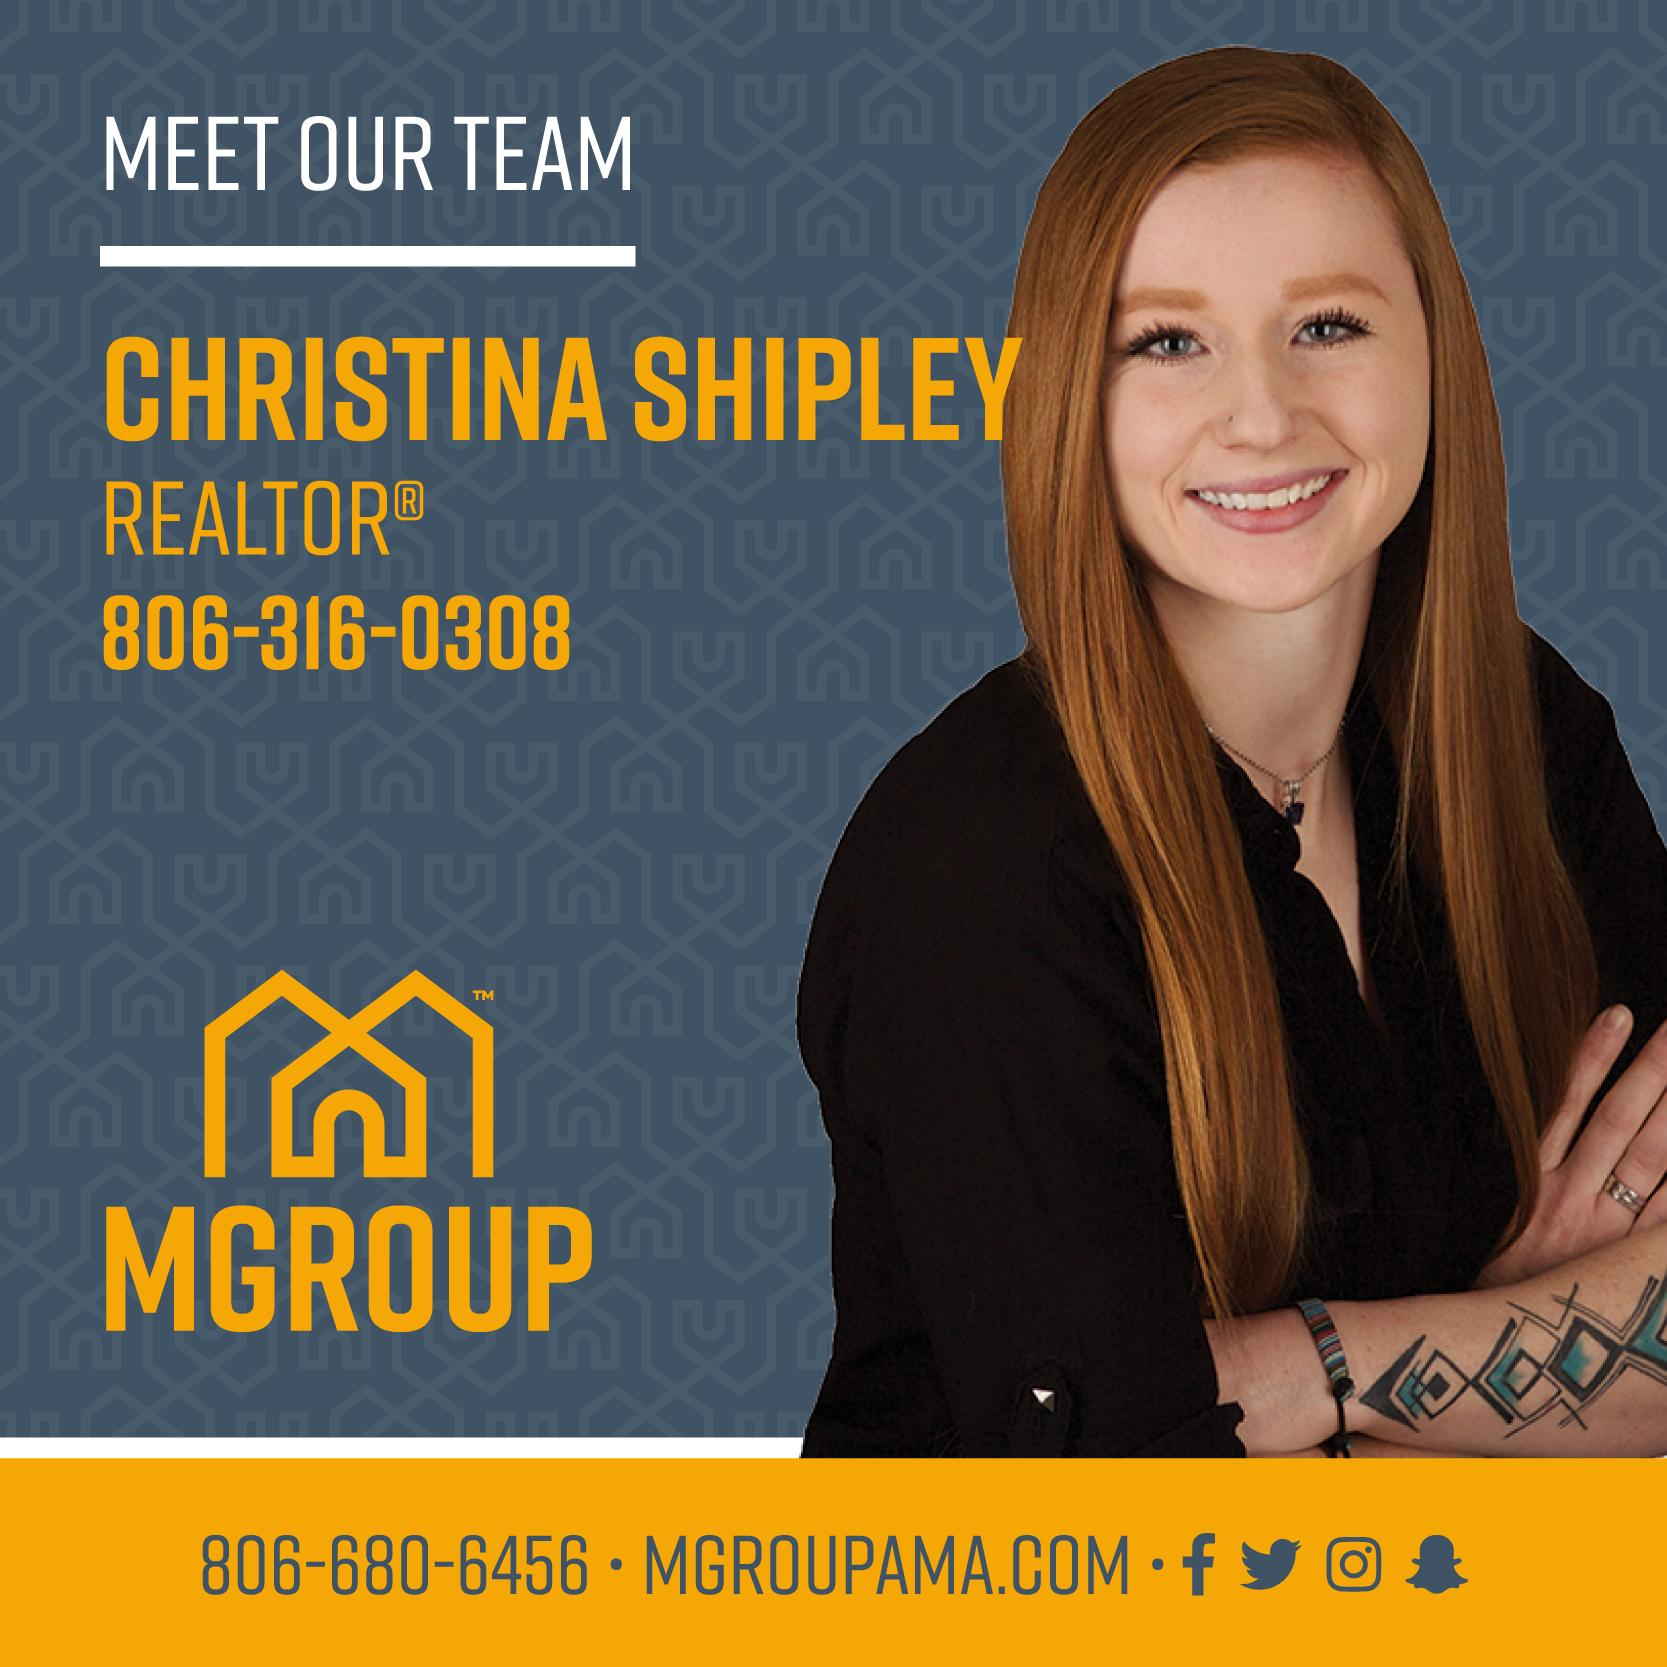 Christina Shipley